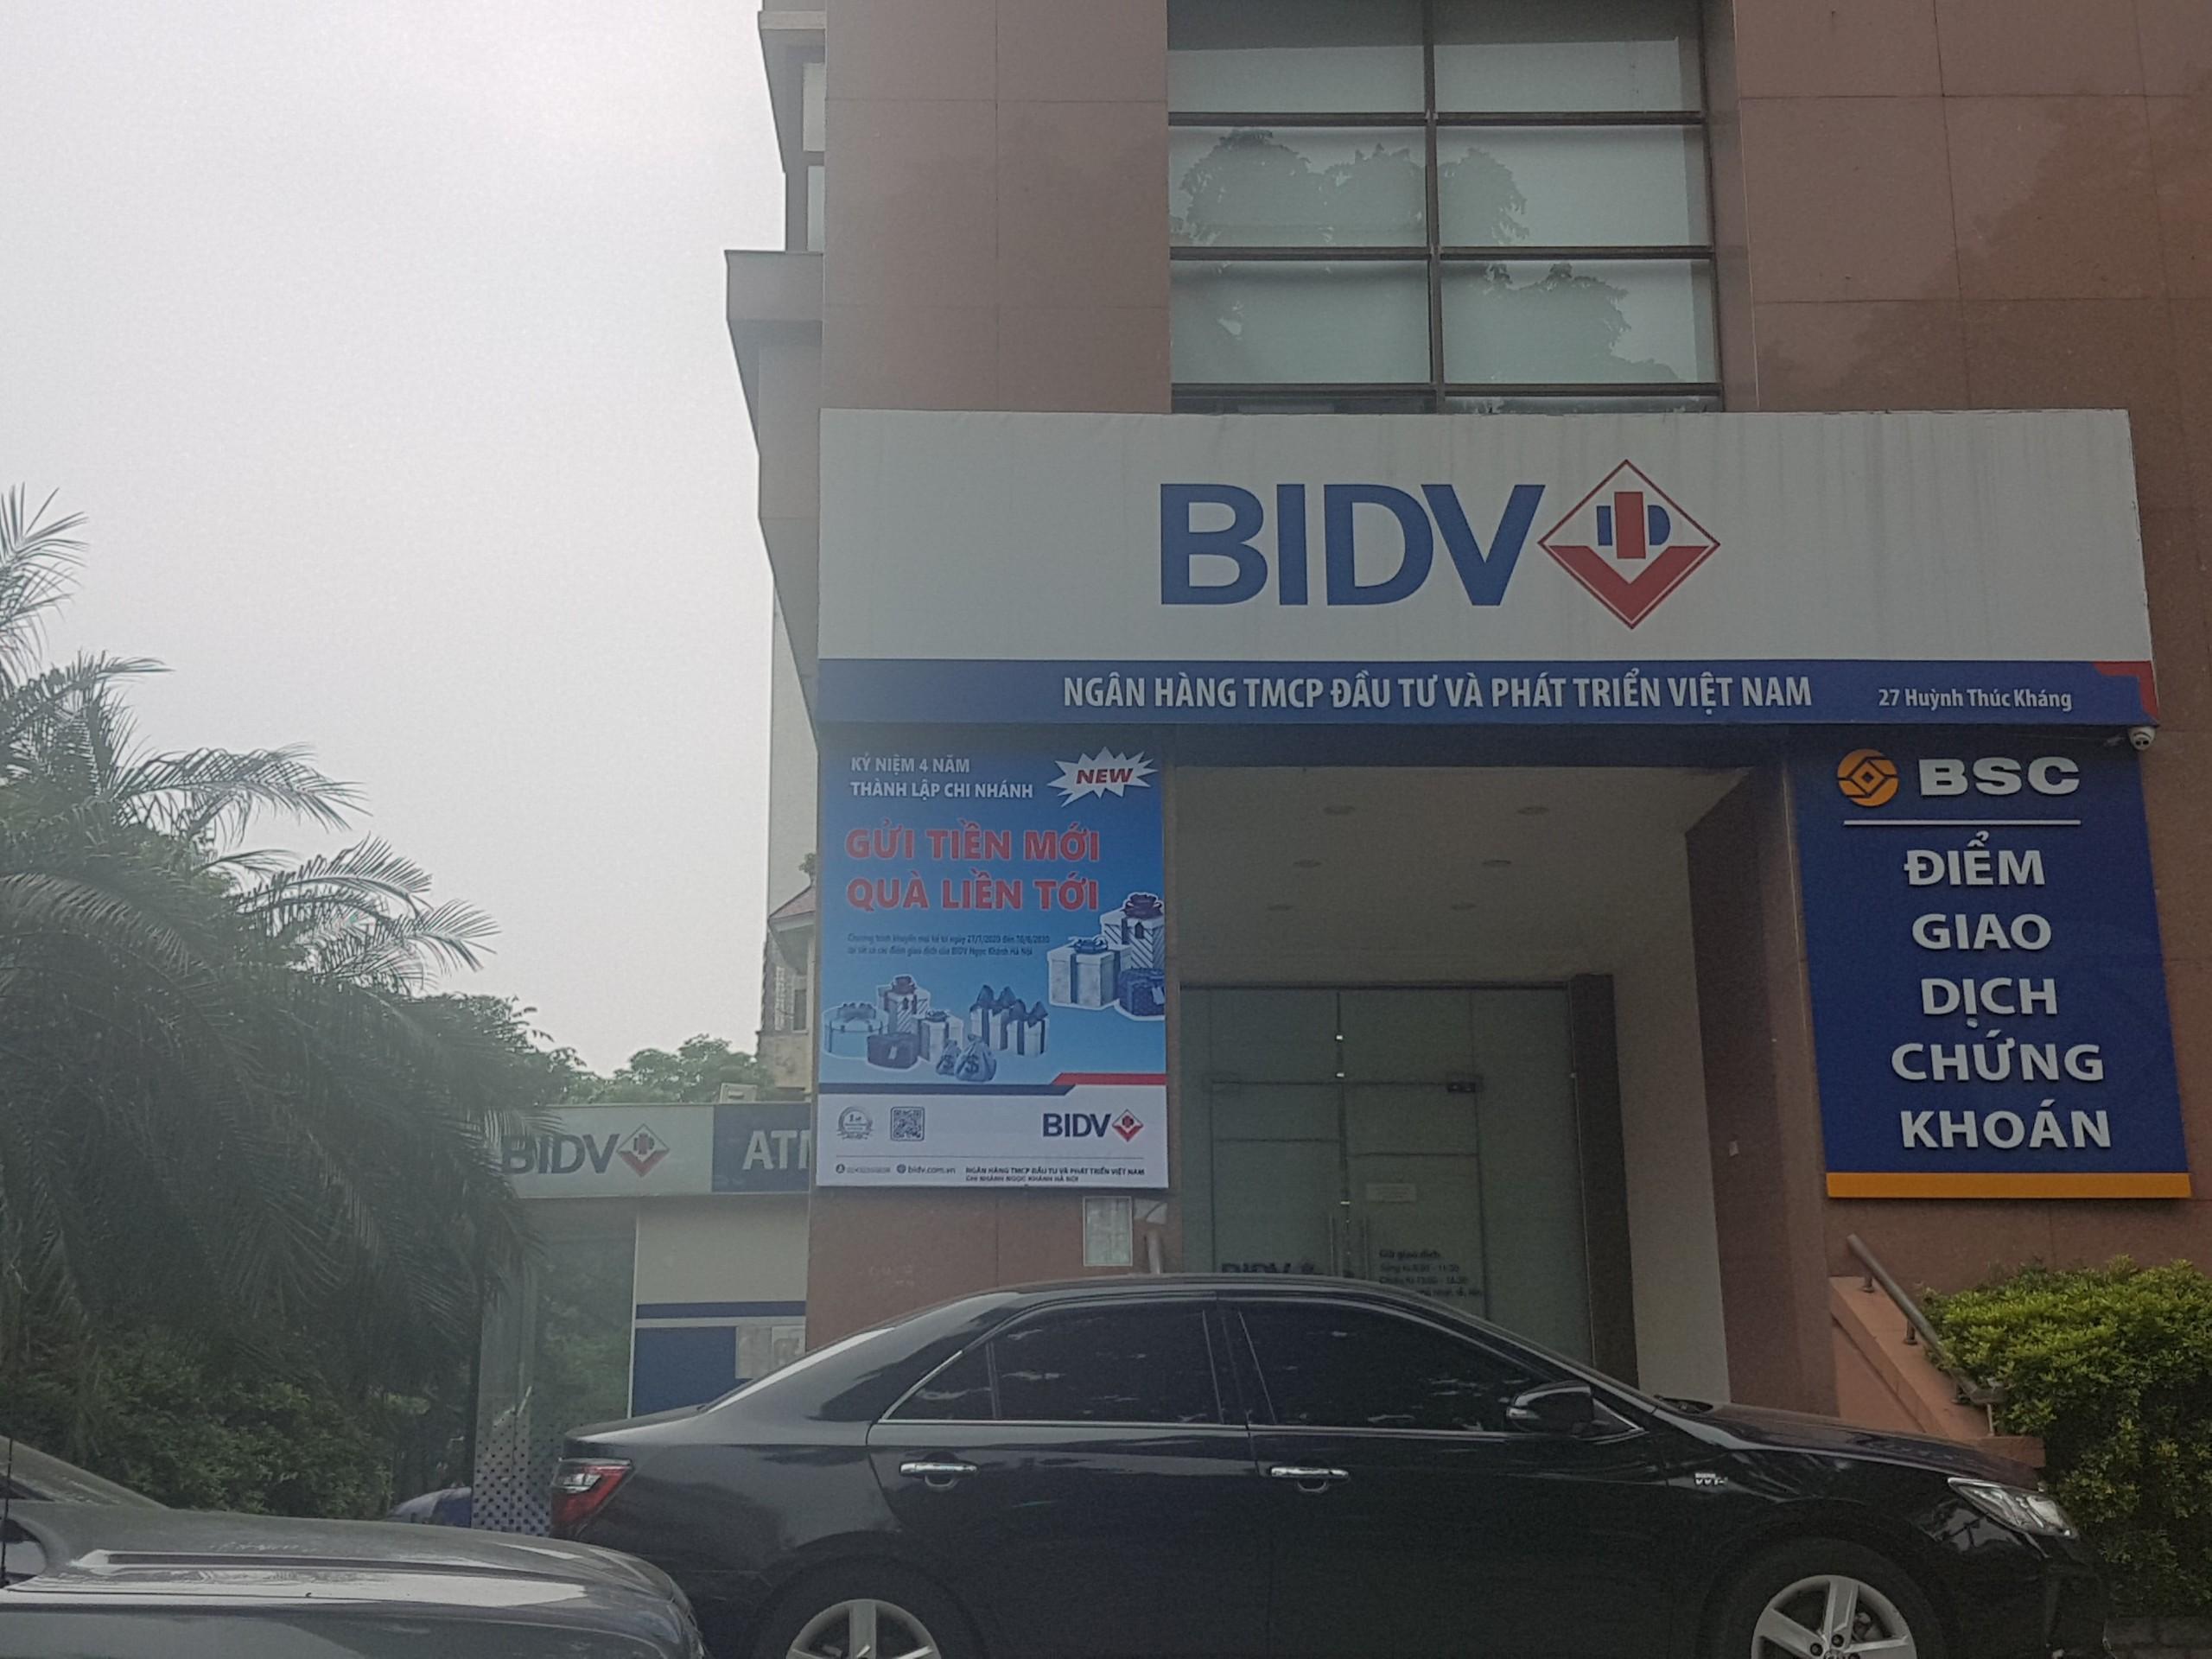 Cướp ngân hàng BIDV tại chi nhánh Ngọc Khánh, Hà Nội - Ảnh 2.